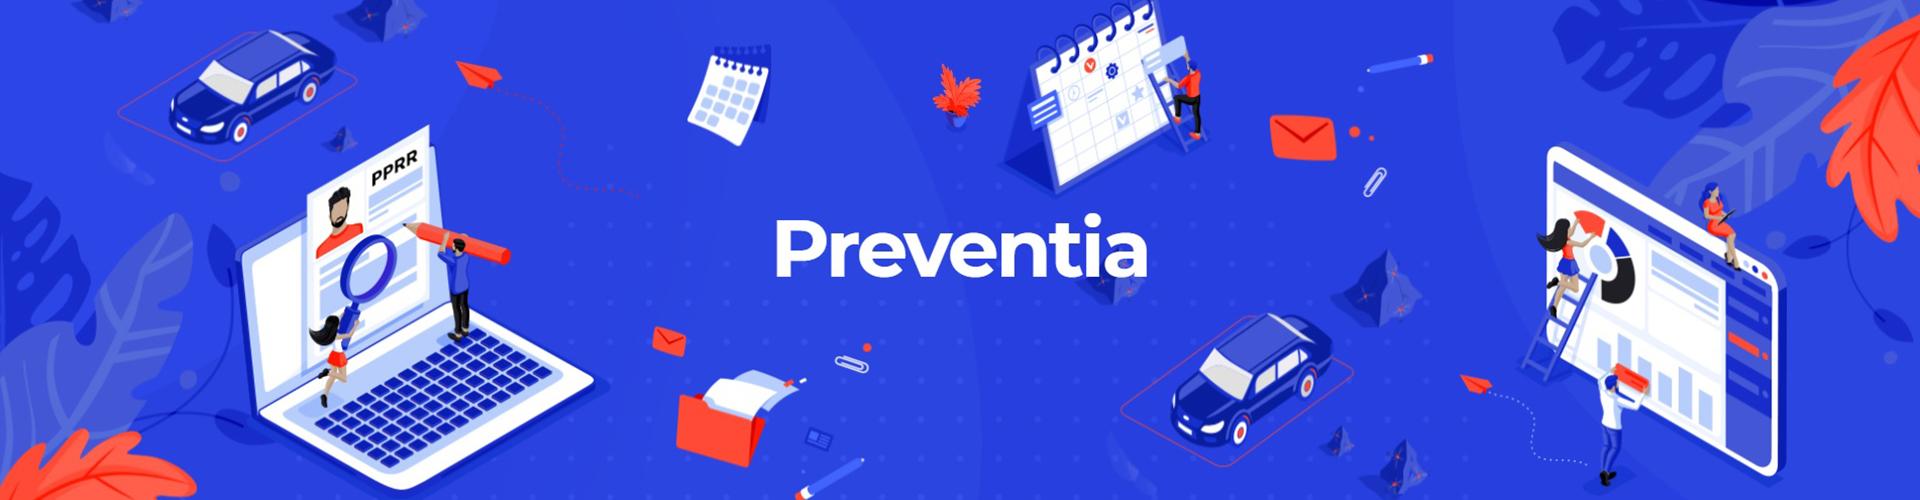 plan-prevention-risque-routier-verneco-environnement